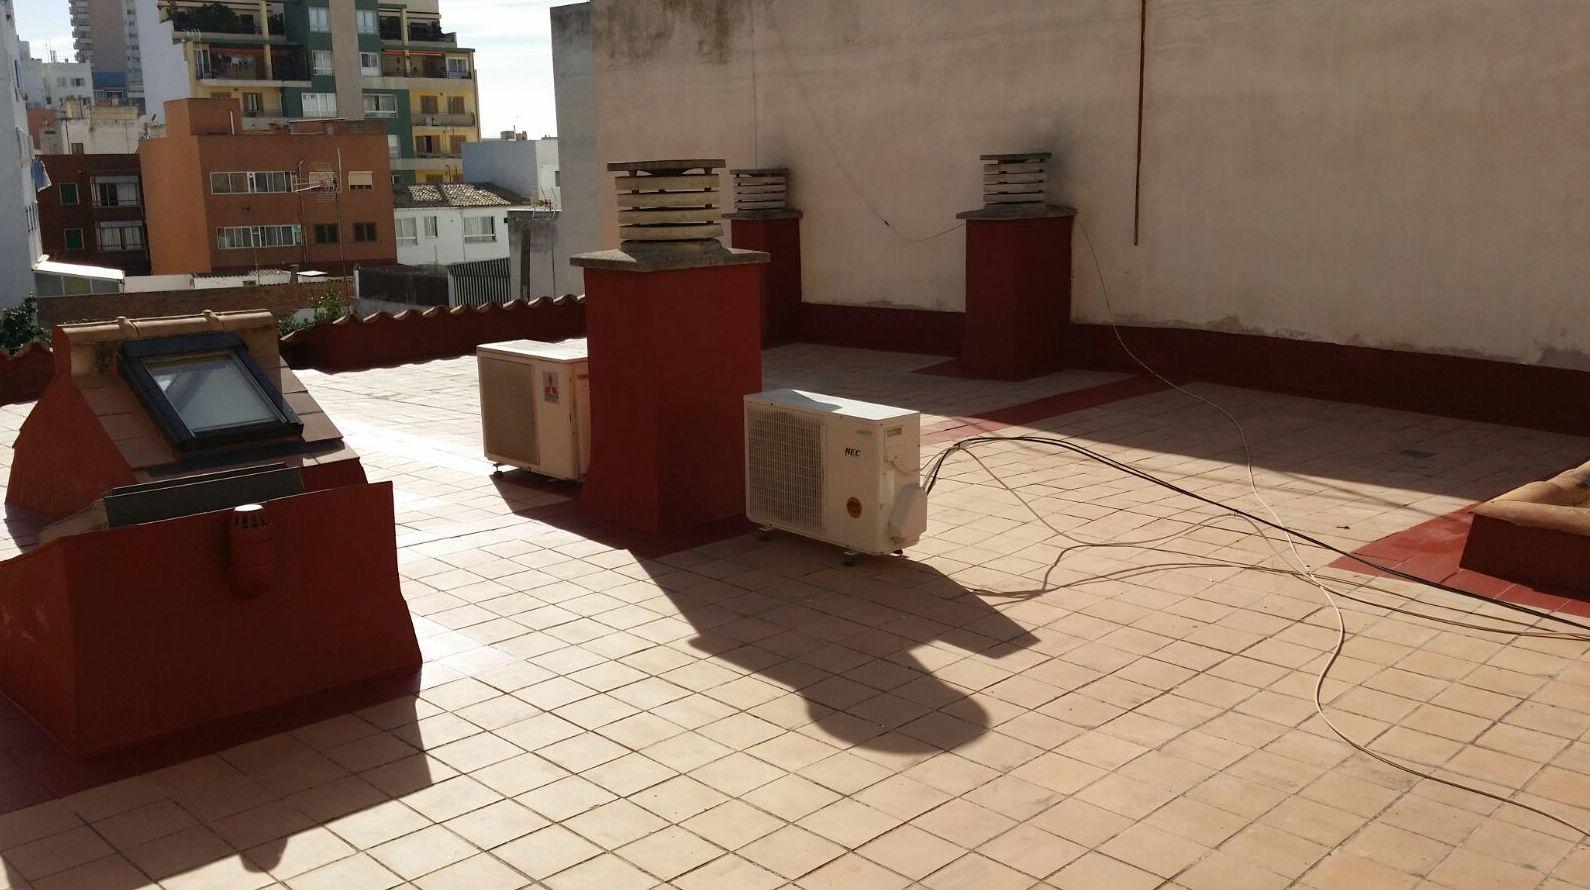 Rehabilitación de cubiertas  Baleares http://www.multiservicioscosesdecasa.es/es/